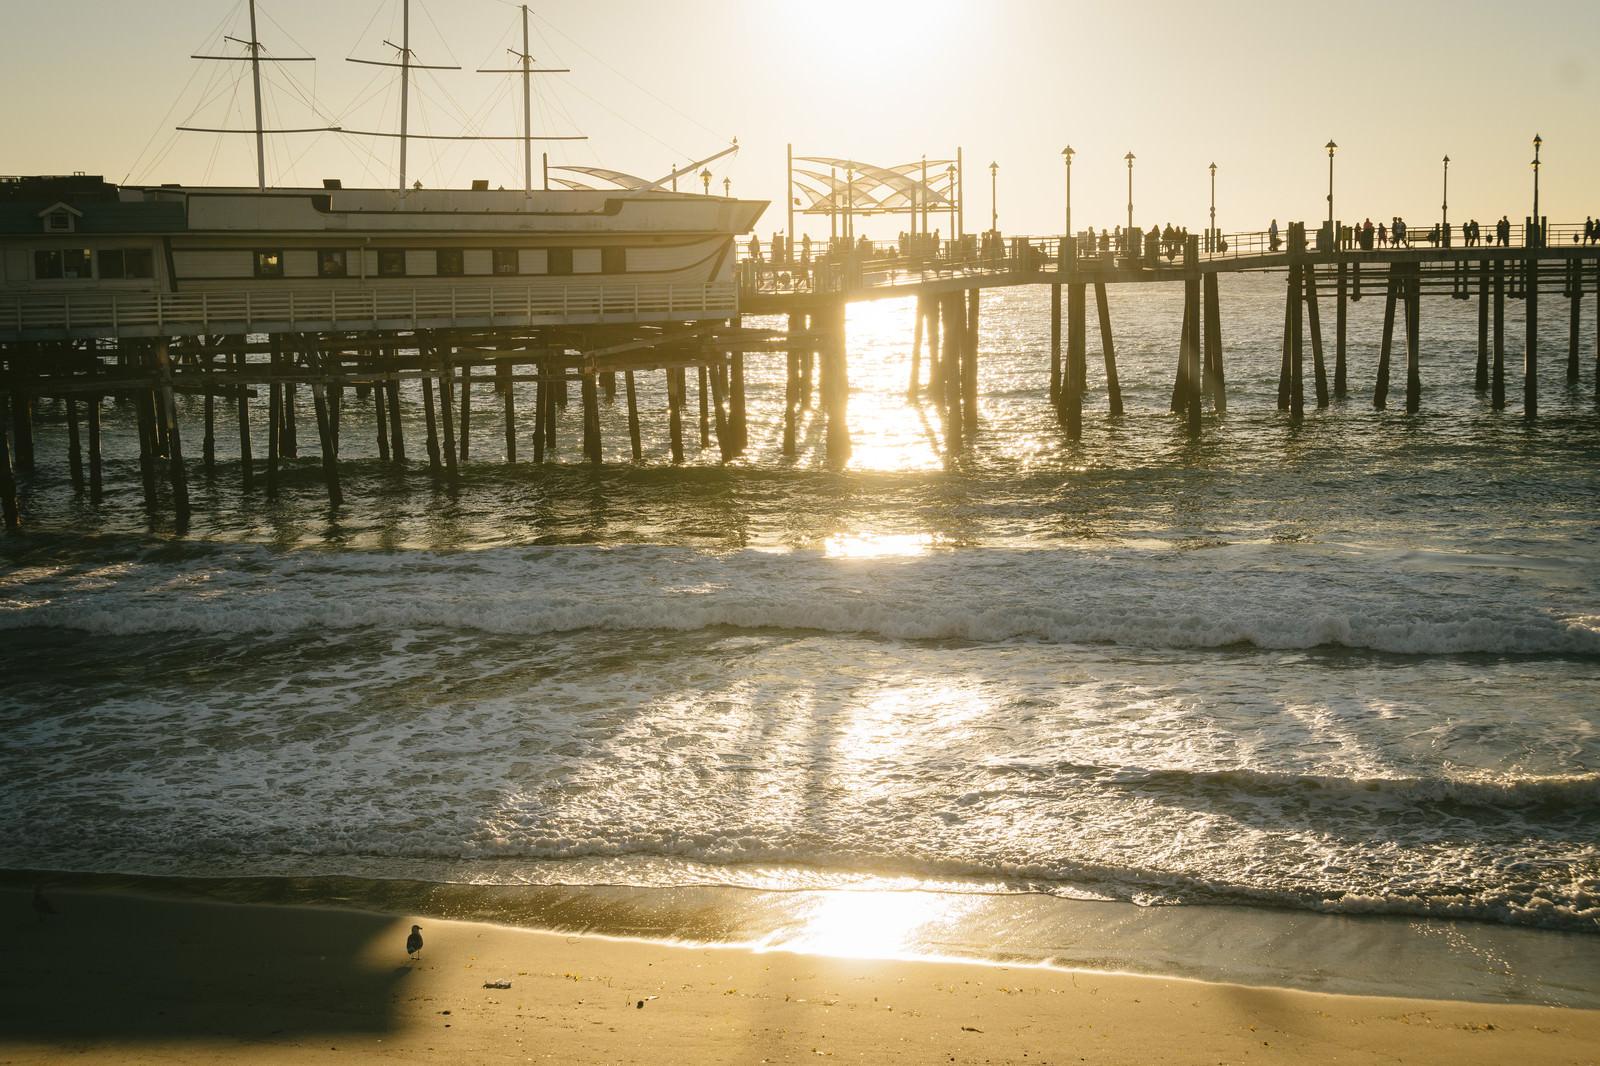 「日が落ちたレドンドビーチのキングハーバー」の写真